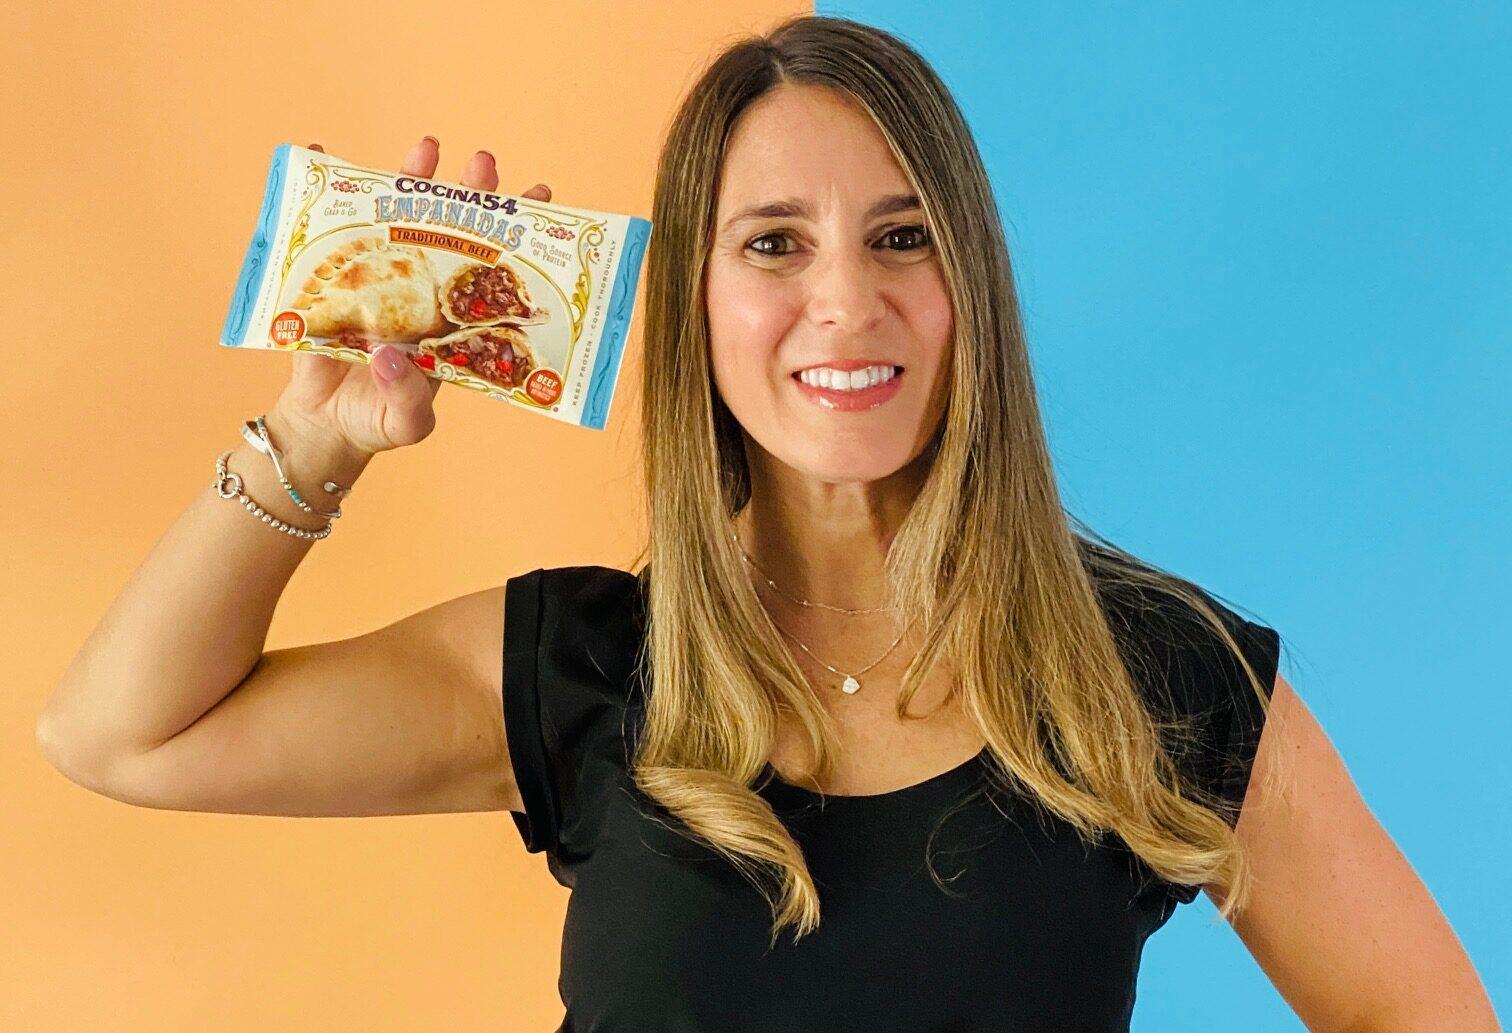 #NewtoNext, COCINA 54 Empanadas, CeciliaPanichelli